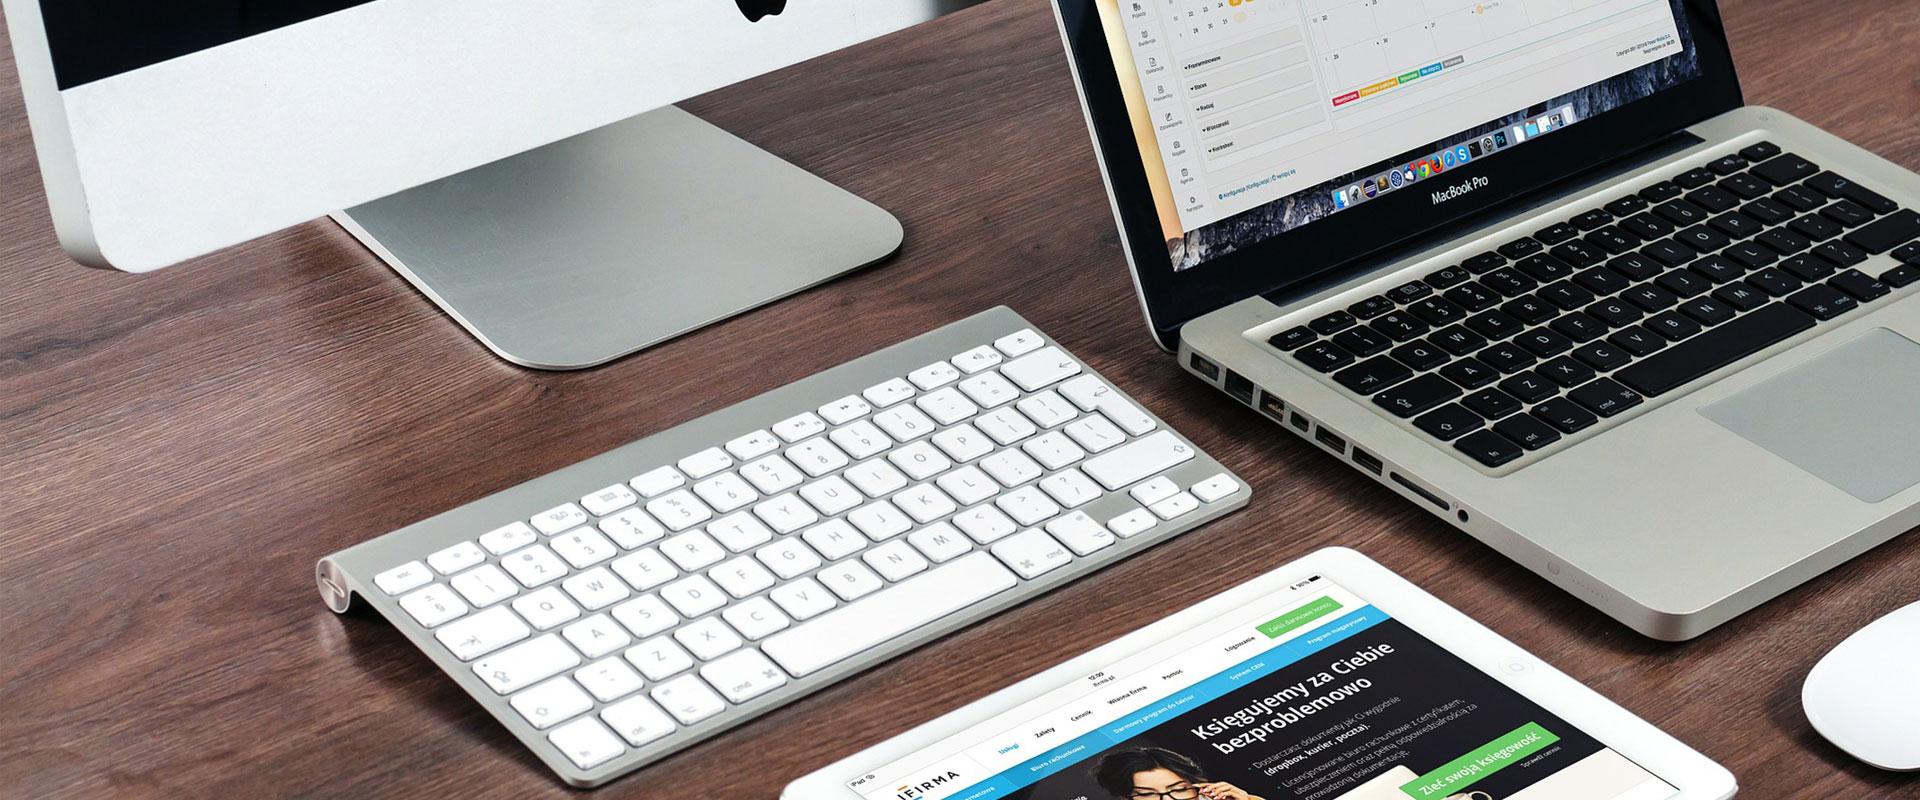 طراحی و تولید نرم افزار و فروش سیستم های کامپیوتری